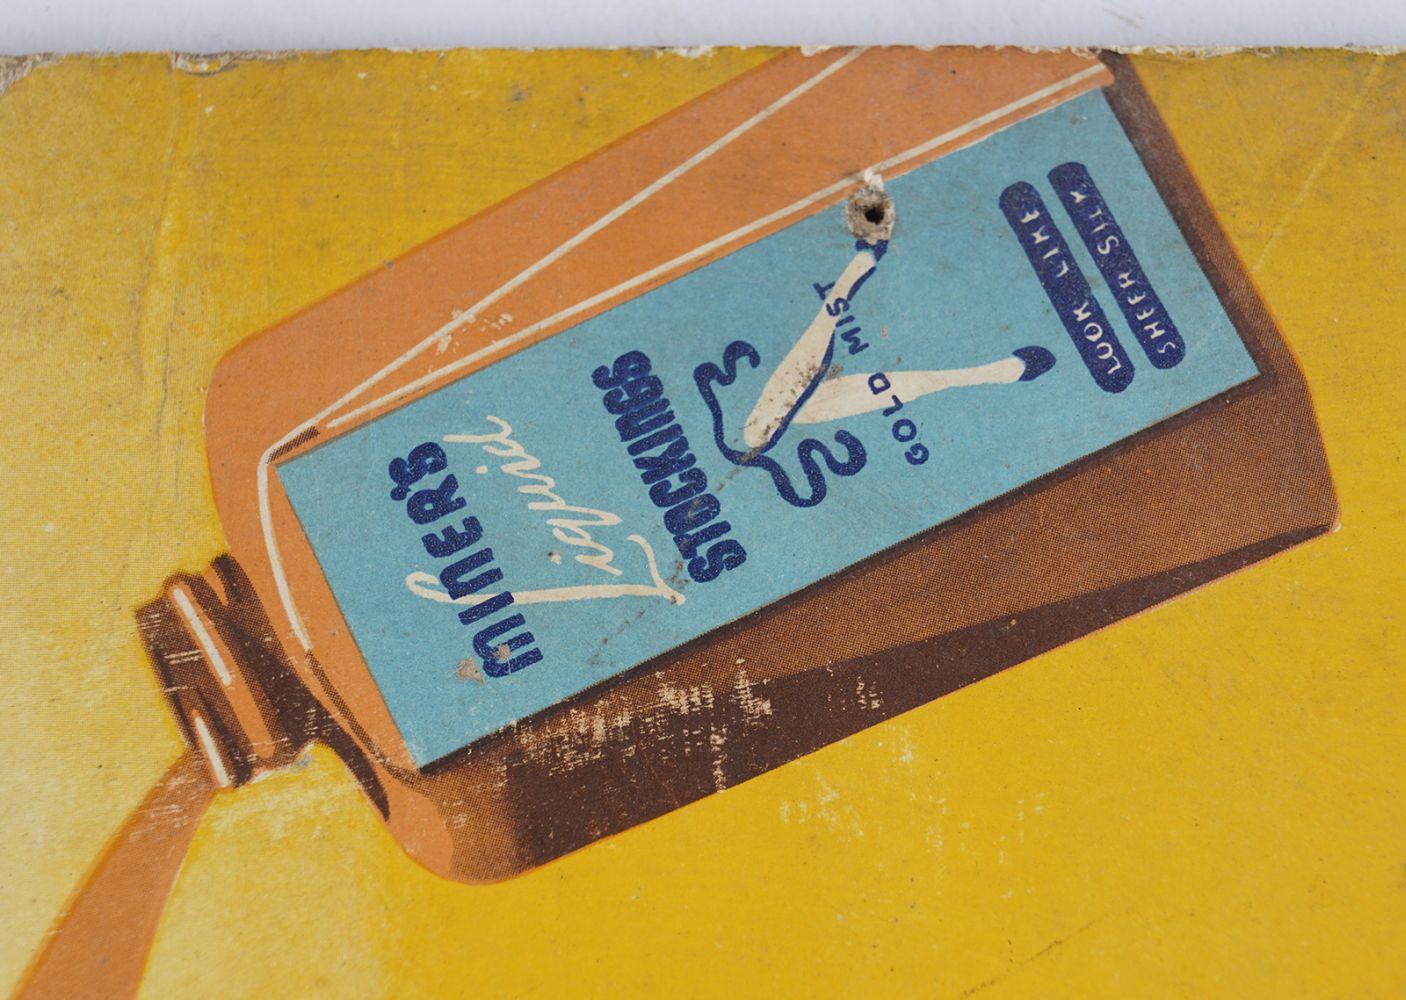 MINER'S LIQUID STOCKINGS ORIGINAL POSTER - Image 2 of 4